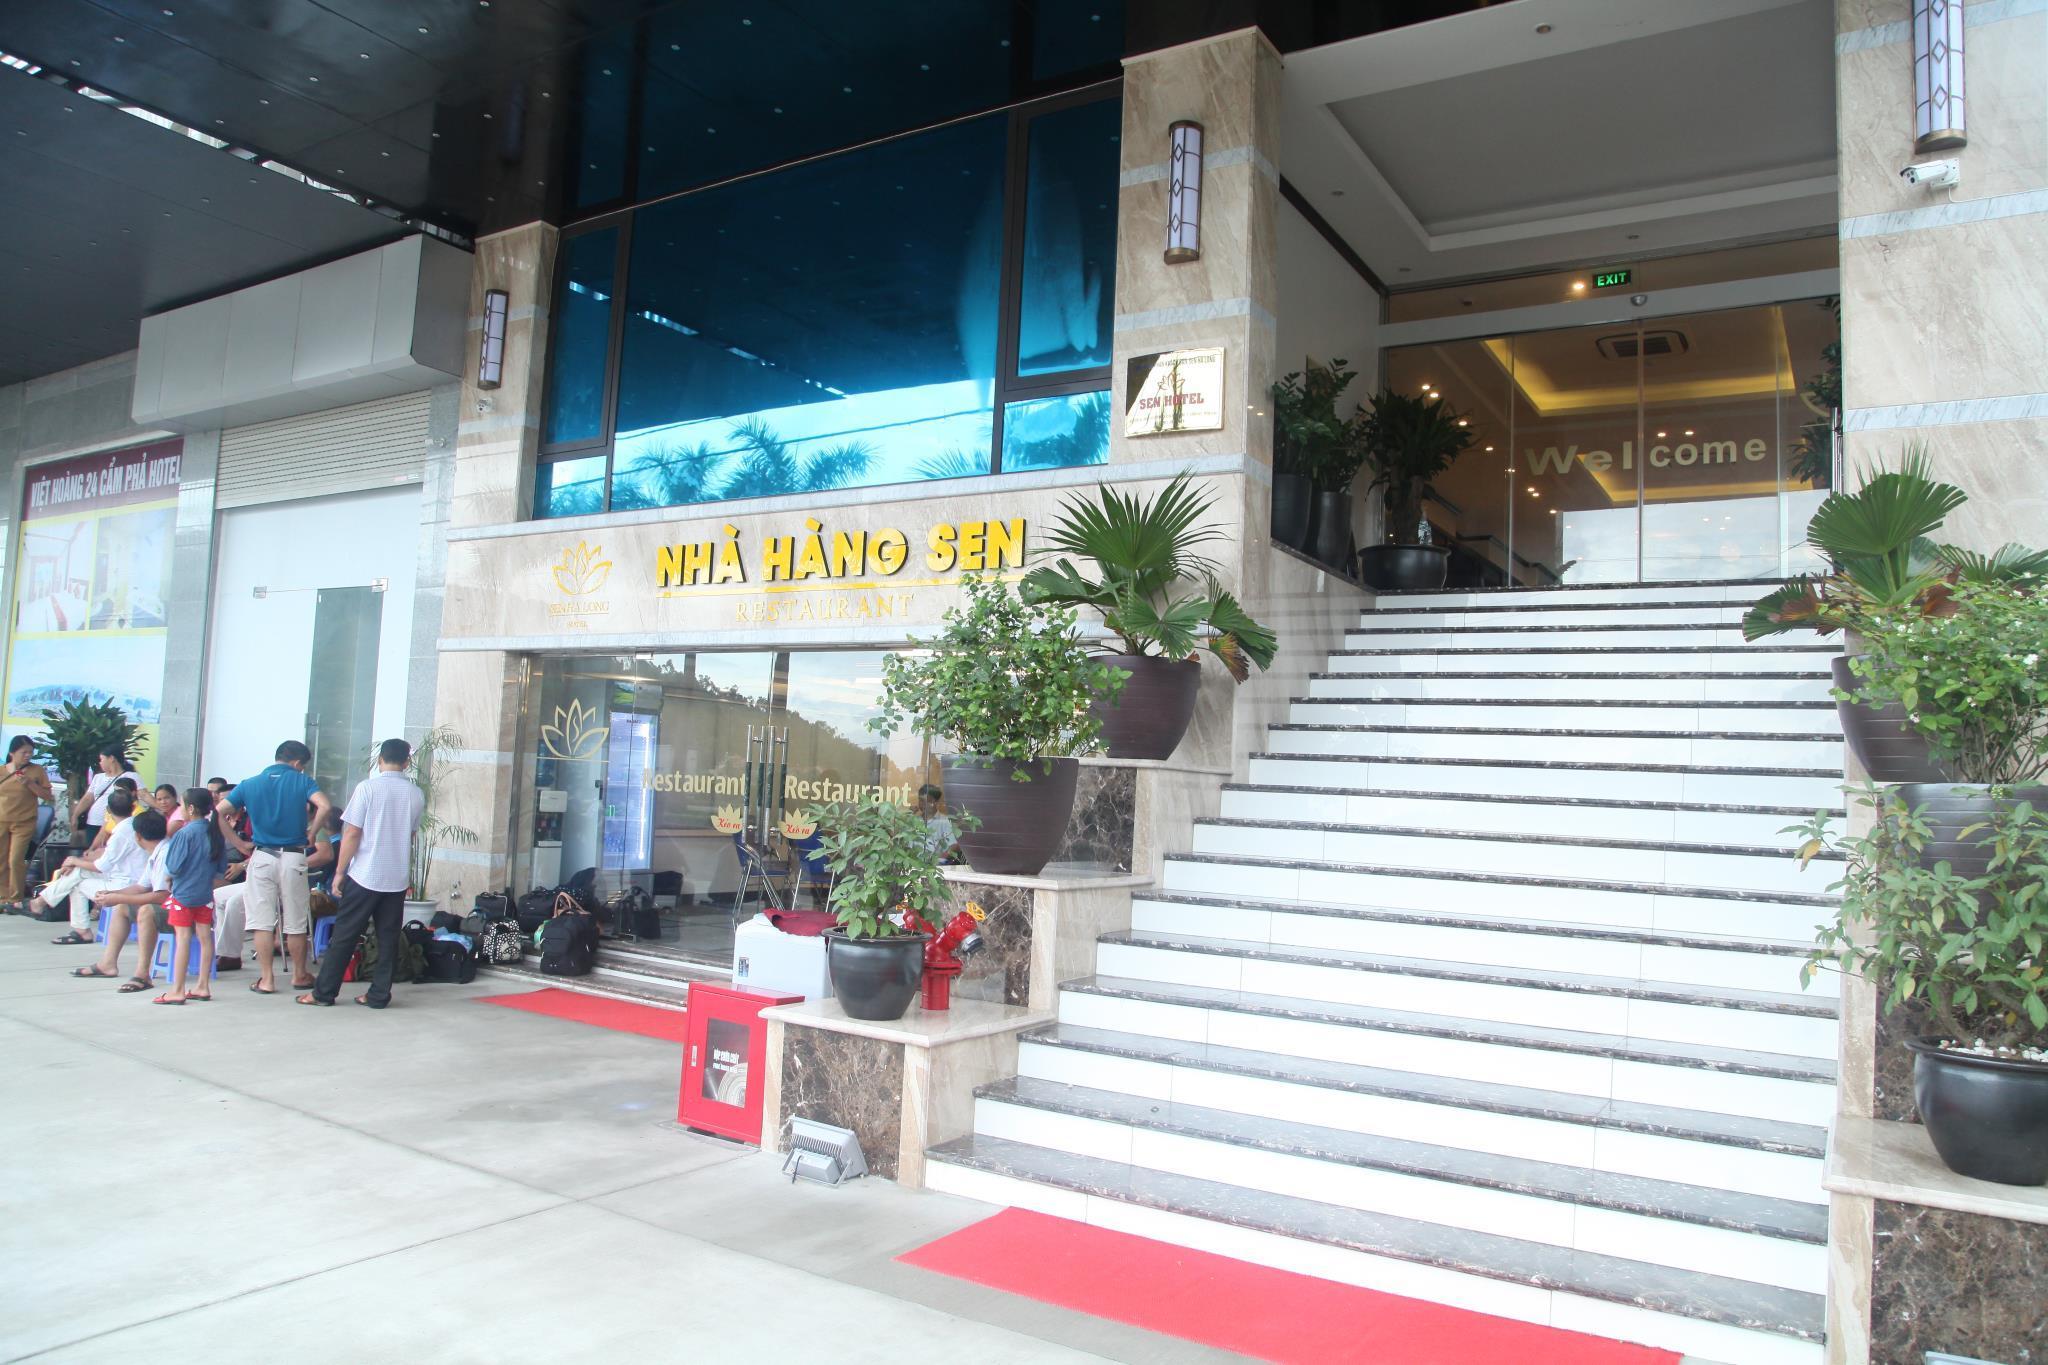 SEN HA LONG HOTEL